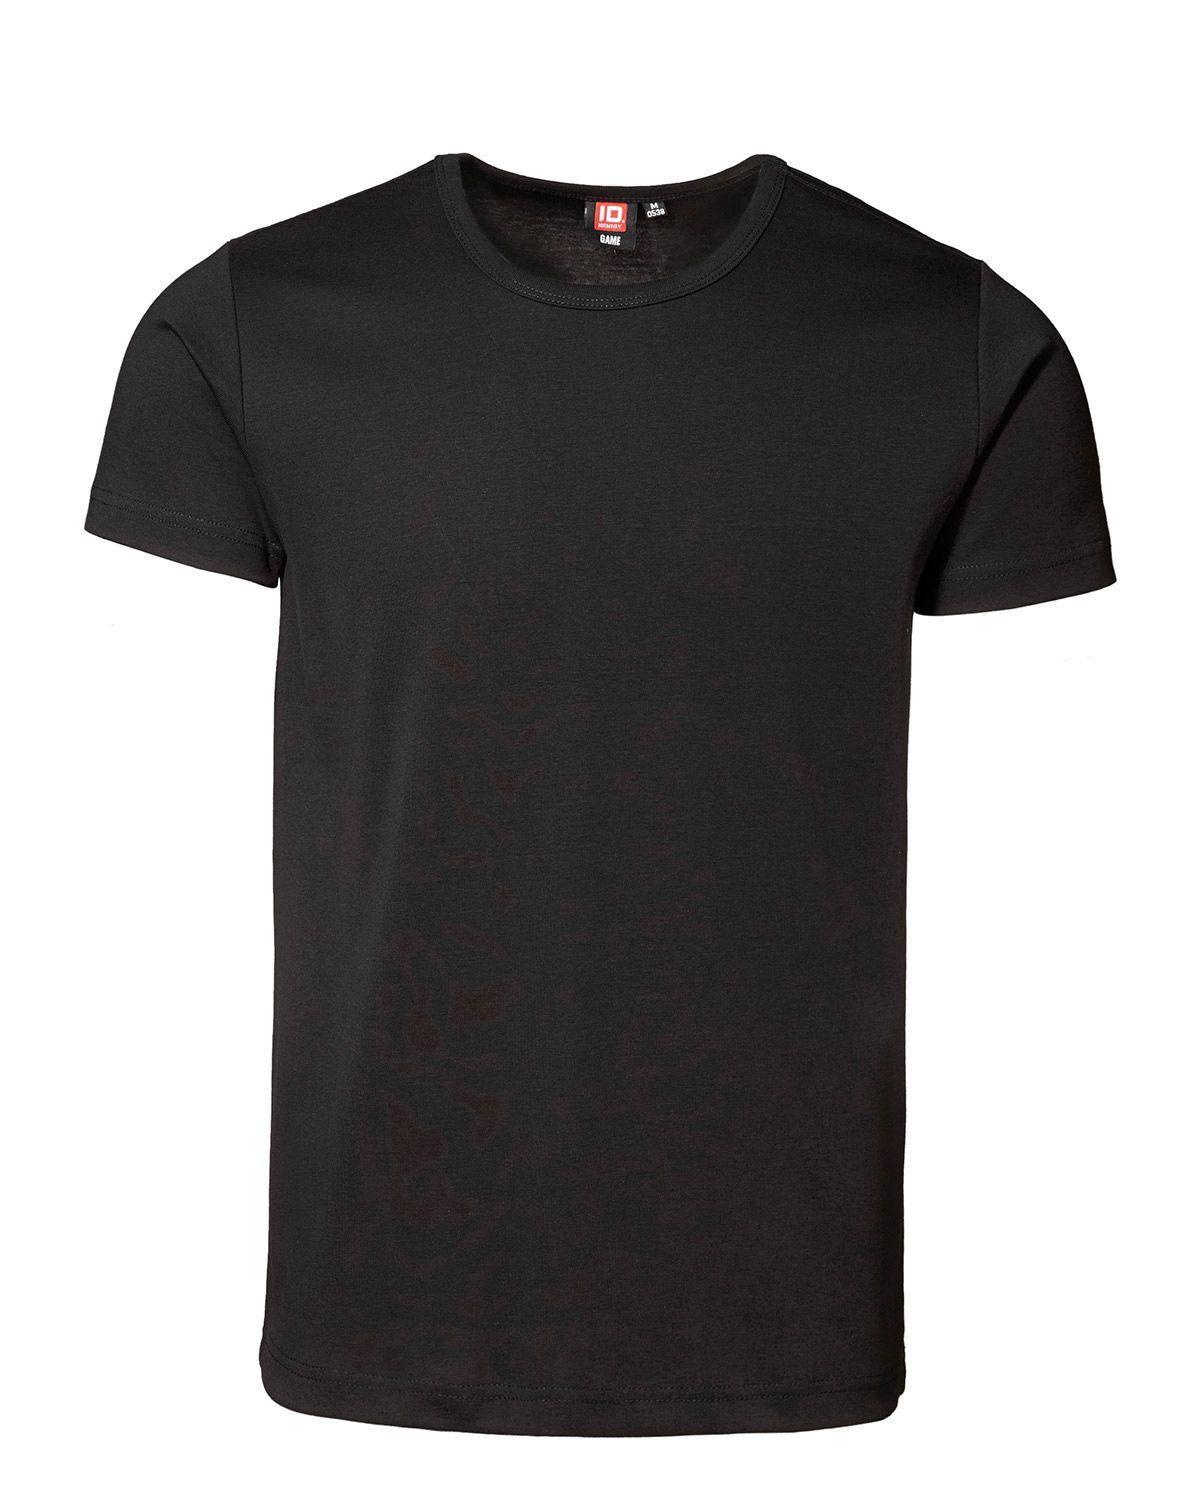 ID 1x1 rib T-shirt (Sort, 2XL)